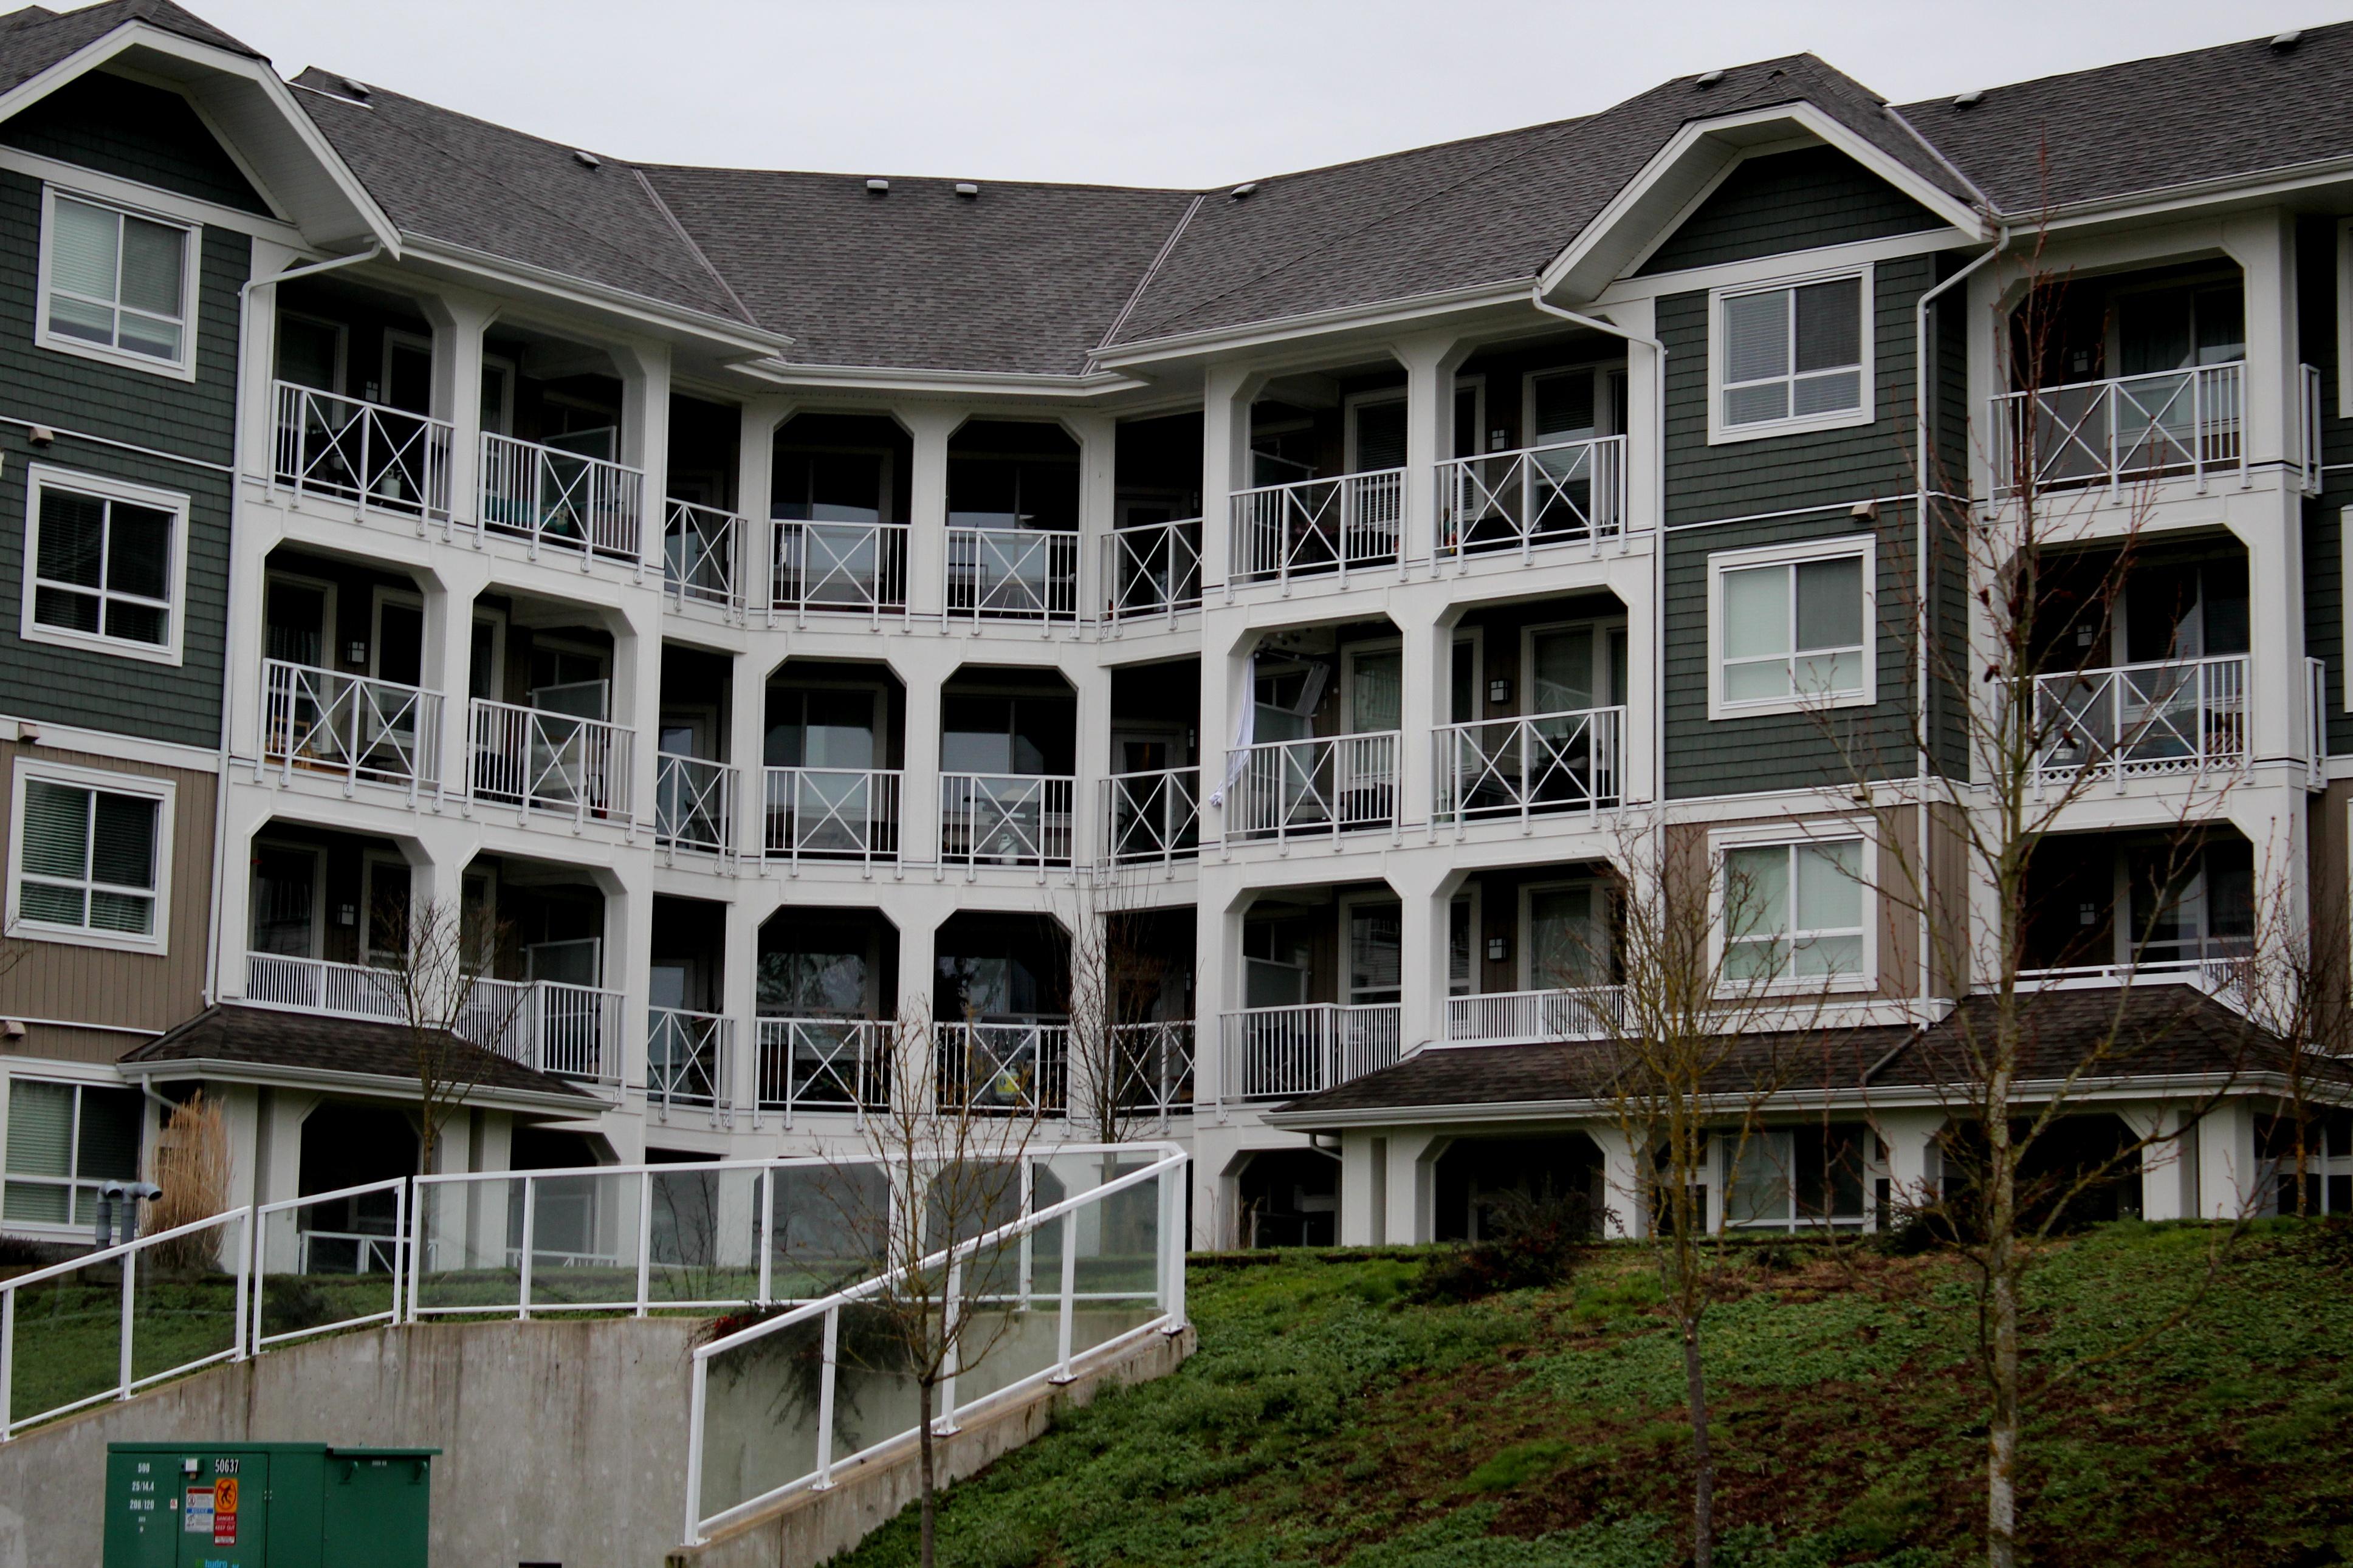 The Ridge at Bose Farms 16390 64th Ave. Surrey, BC